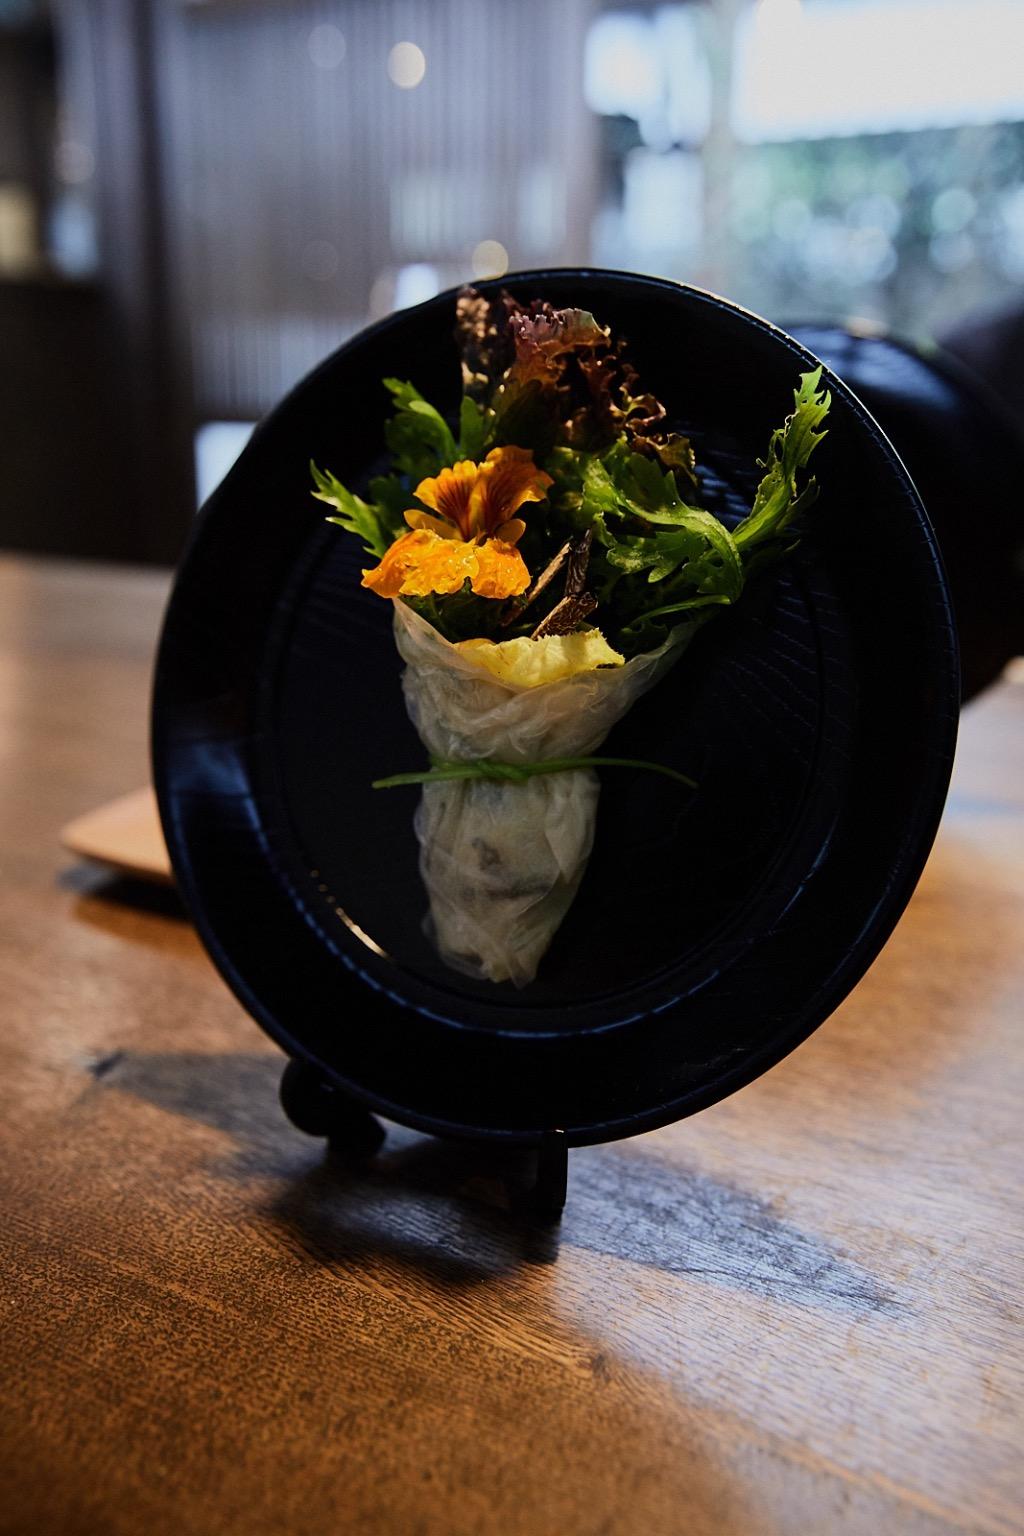 Salad bouquet at YArn in Komatsu